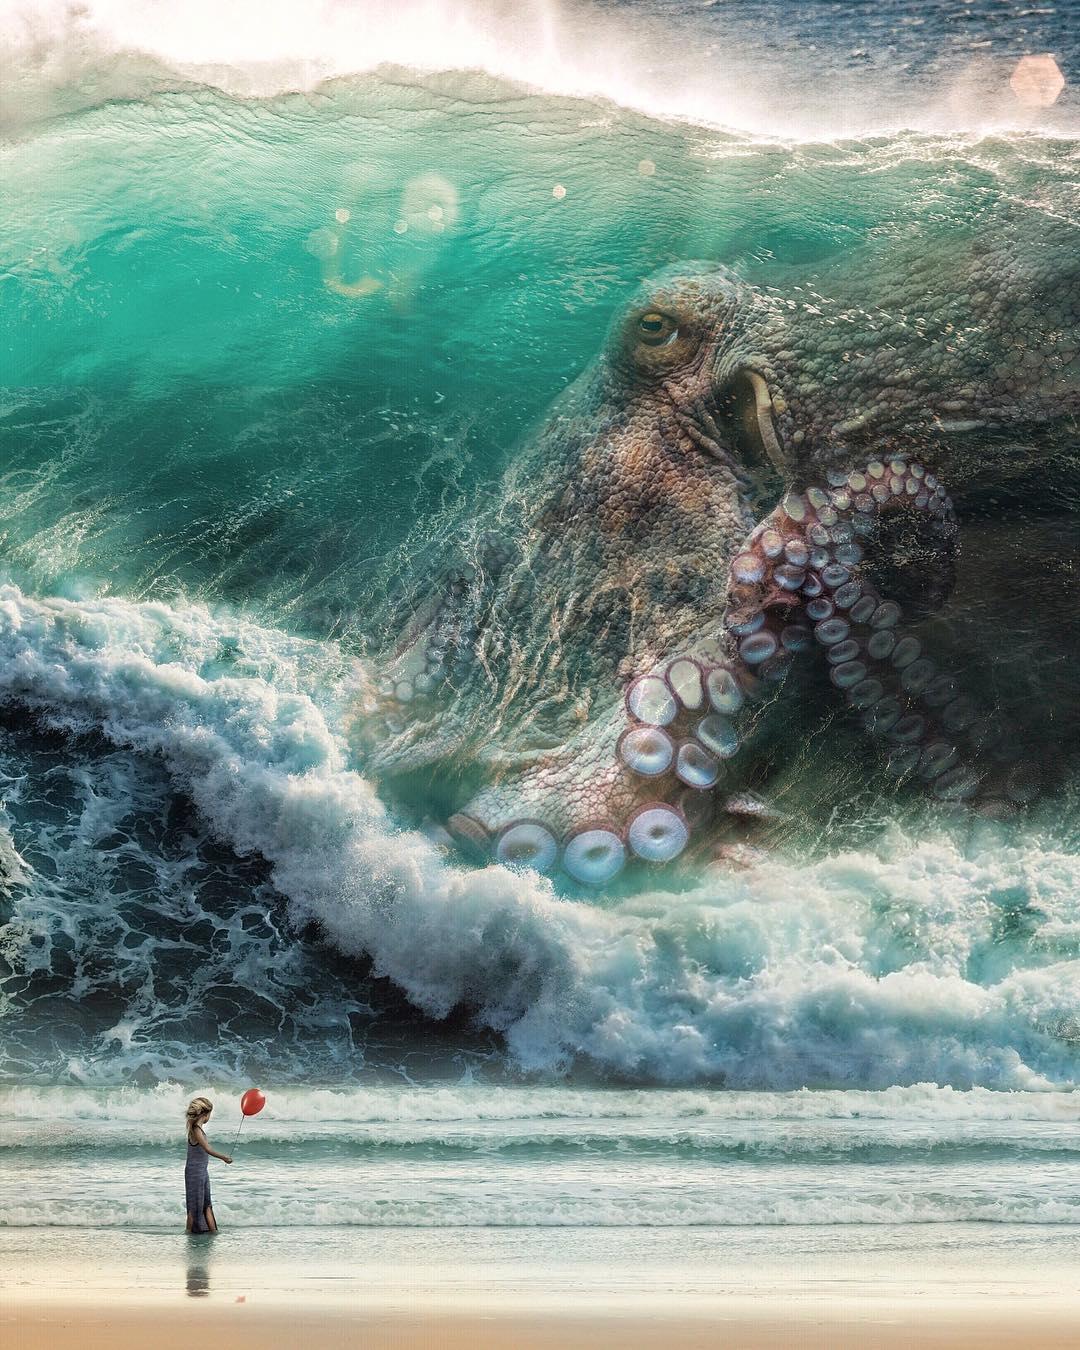 Сказочные фотографии от Марселя ван Льюита